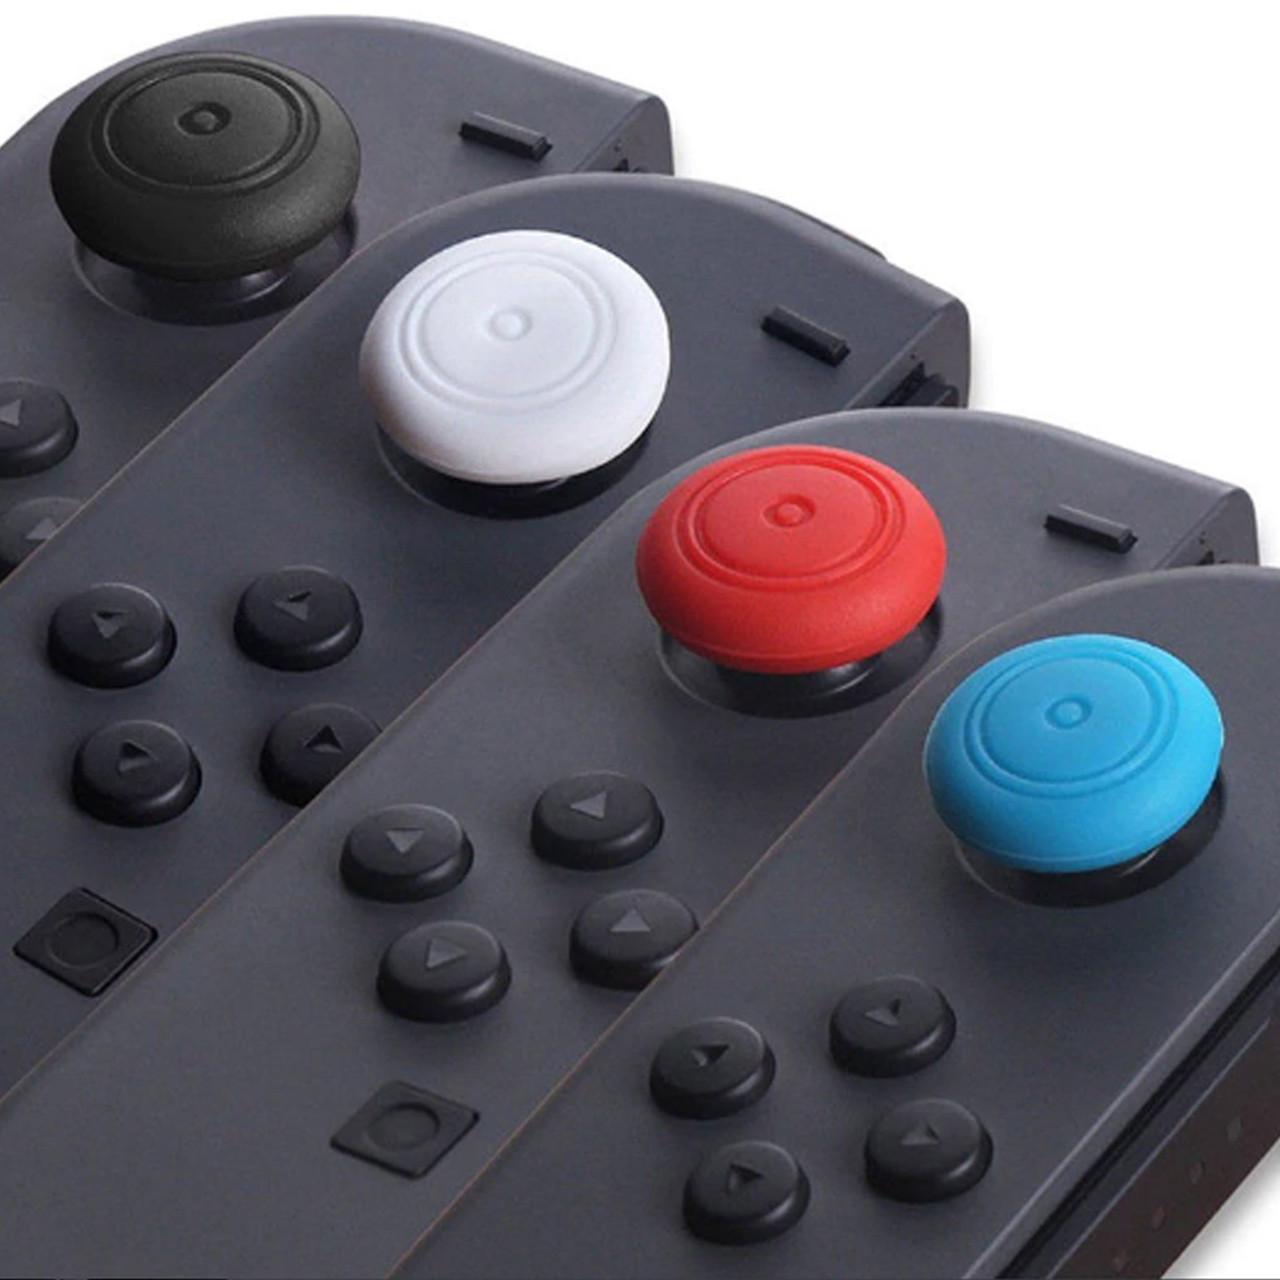 Накладки на аналогові стіки для joy-con Nintendo Switch